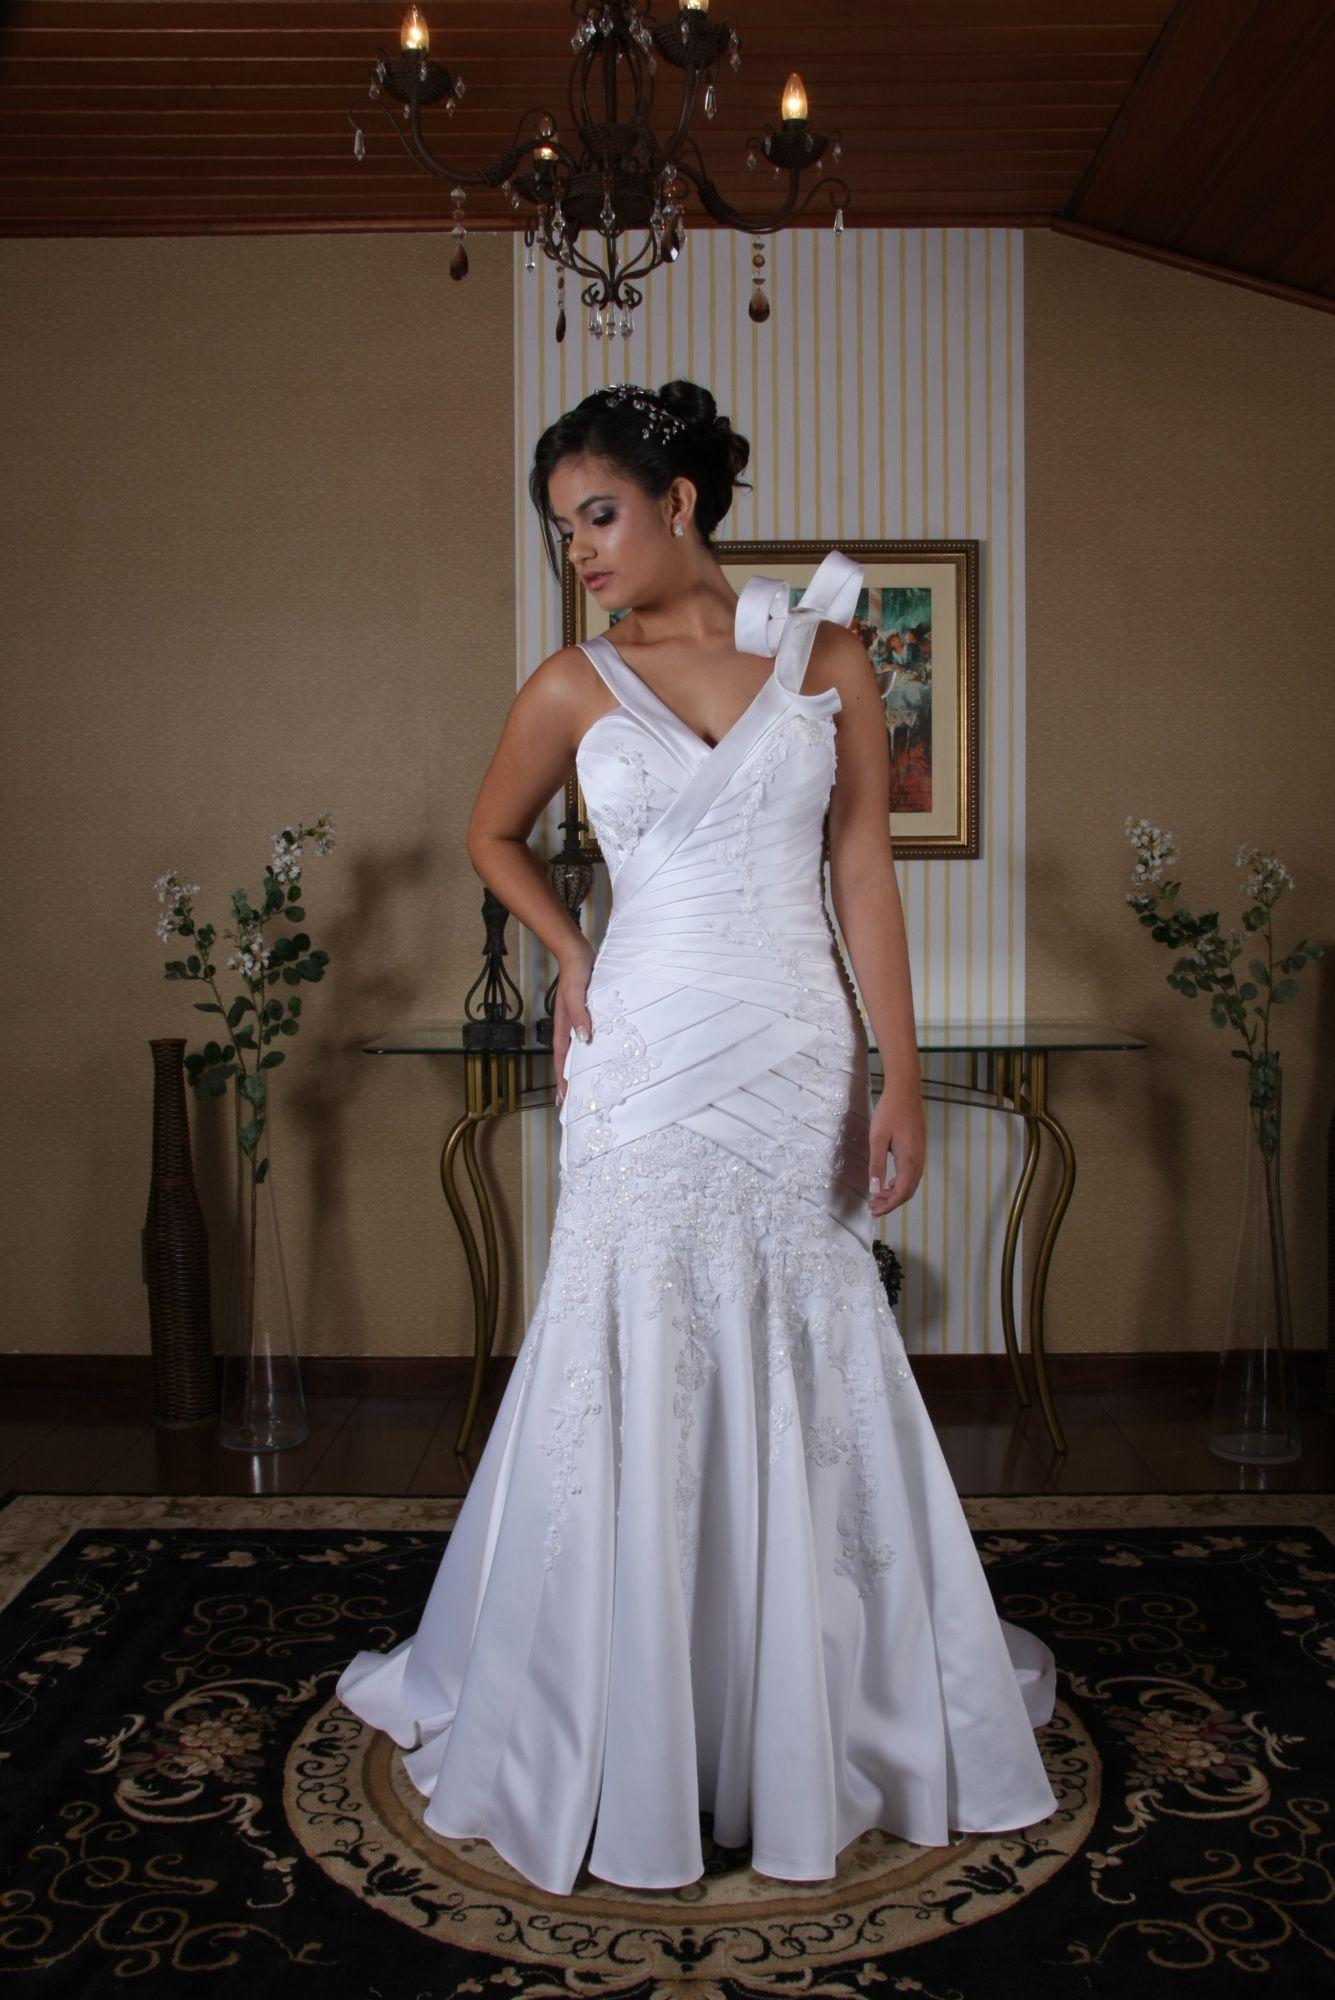 Vestido de Noiva Sereia - 2 - Hipnose Alta Costura e Spa para Noivas e Noivos - Campinas - SP Vestido de Noiva, Vestido de Noiva Sereia, Hipnose Alta Costura